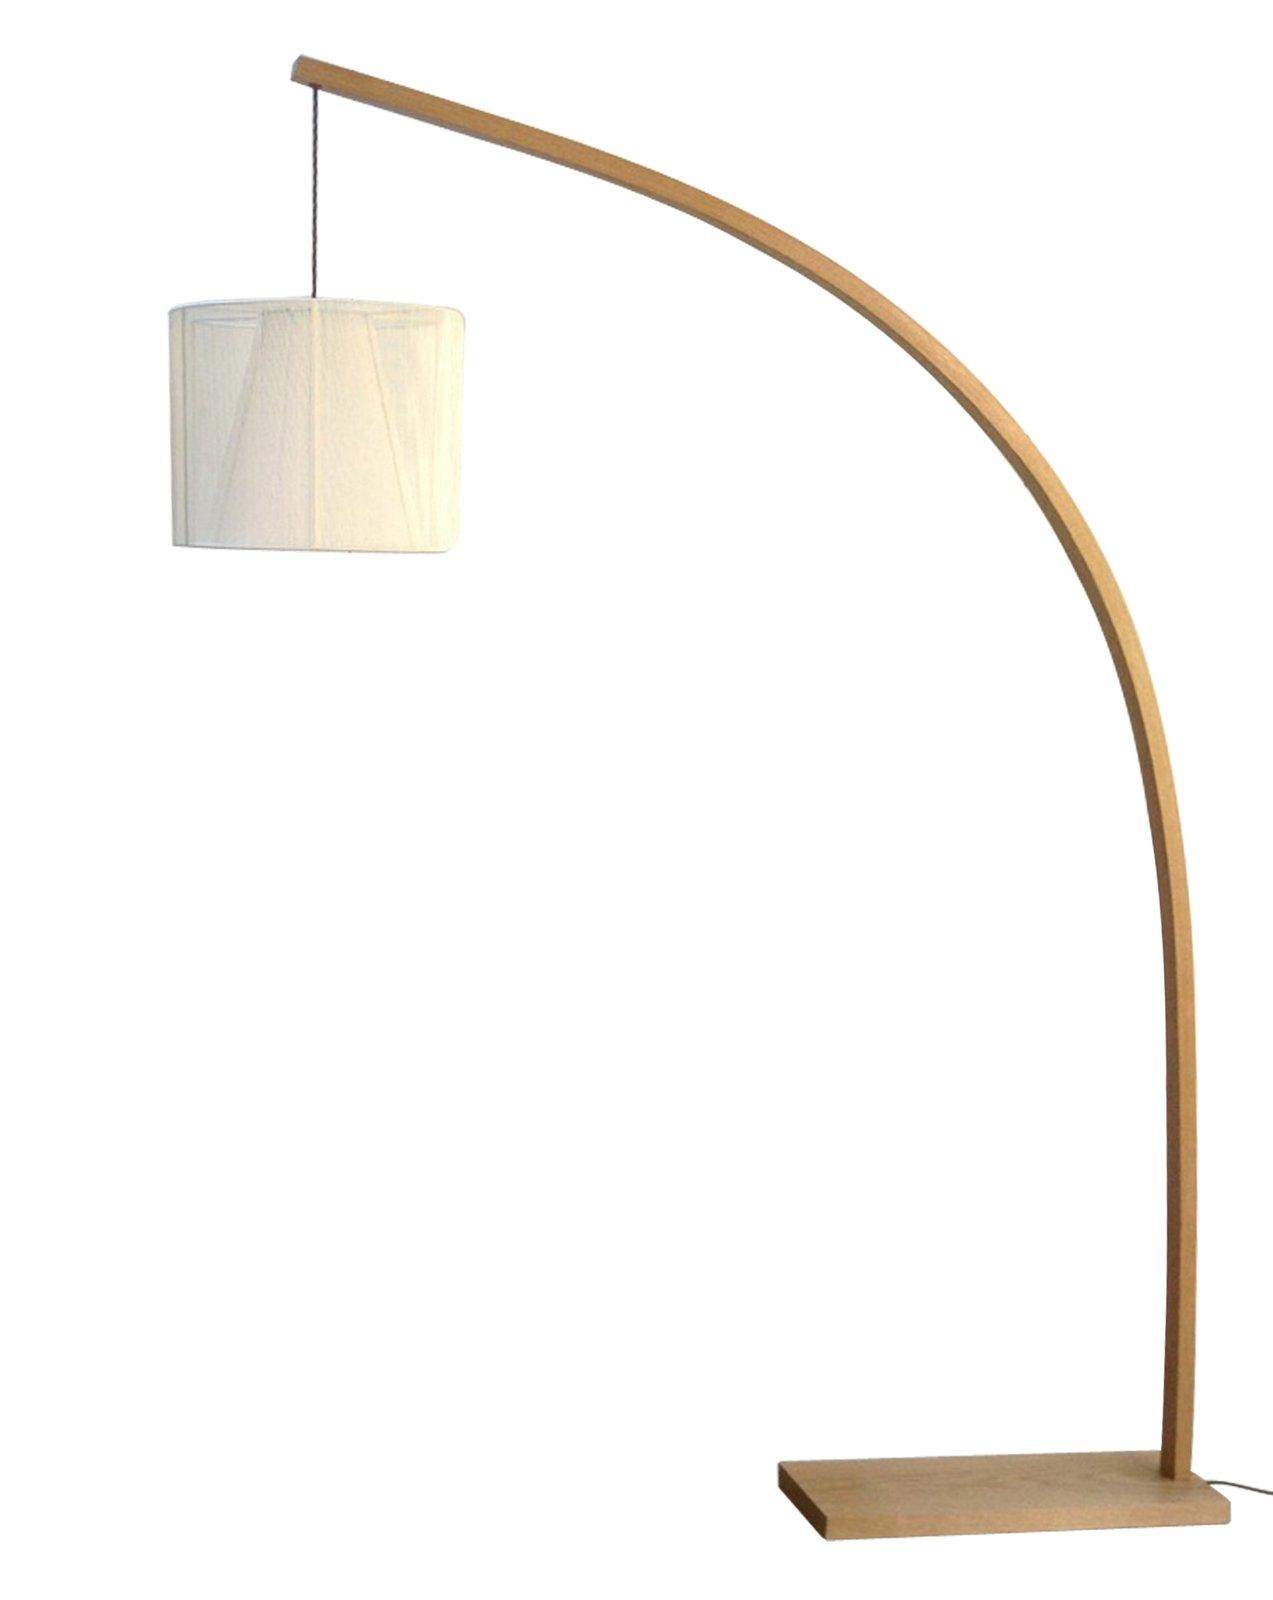 Image Of Floor Standing Arc Lamp